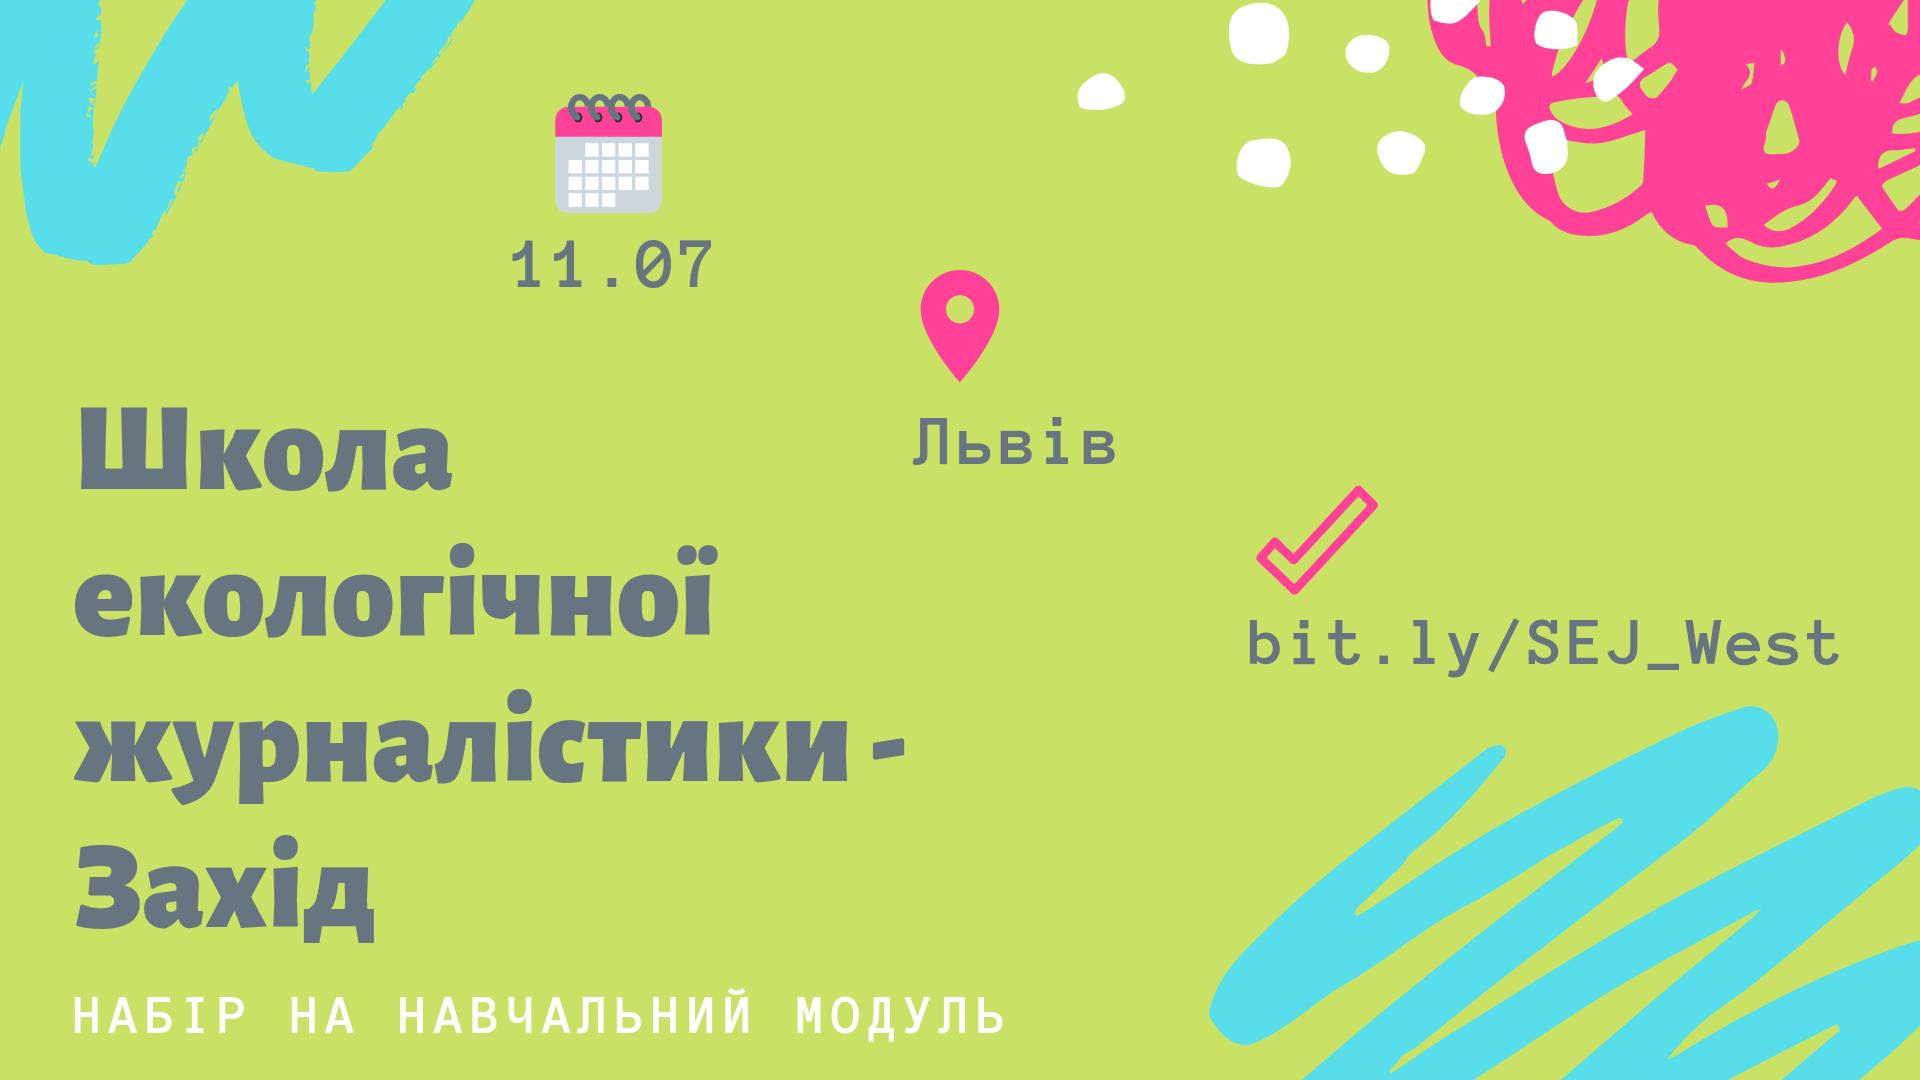 ПРООН запрошує журналістів західних регіонів України на екологічний тренінг у Львові